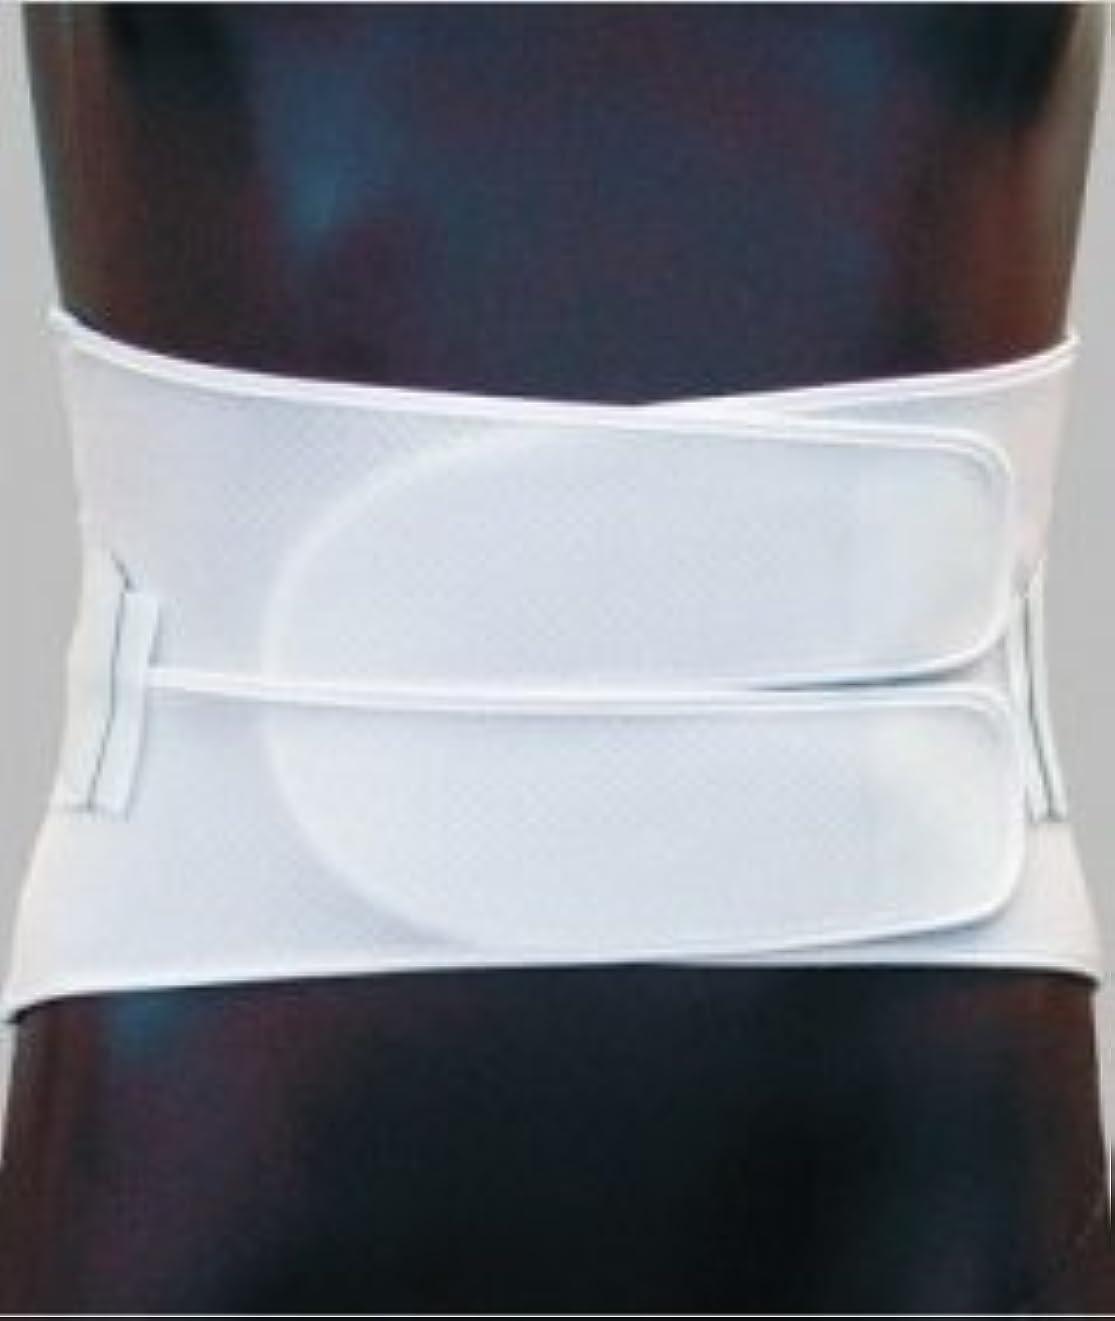 ステーキ悪魔必要とするダイヤサポートⅢ型 NE-570 4Lサイズ(適応範囲)110cm~120cm (日本衛材)(骨盤固定用ベルト,腰部固定帯,二重固定式,伸縮)